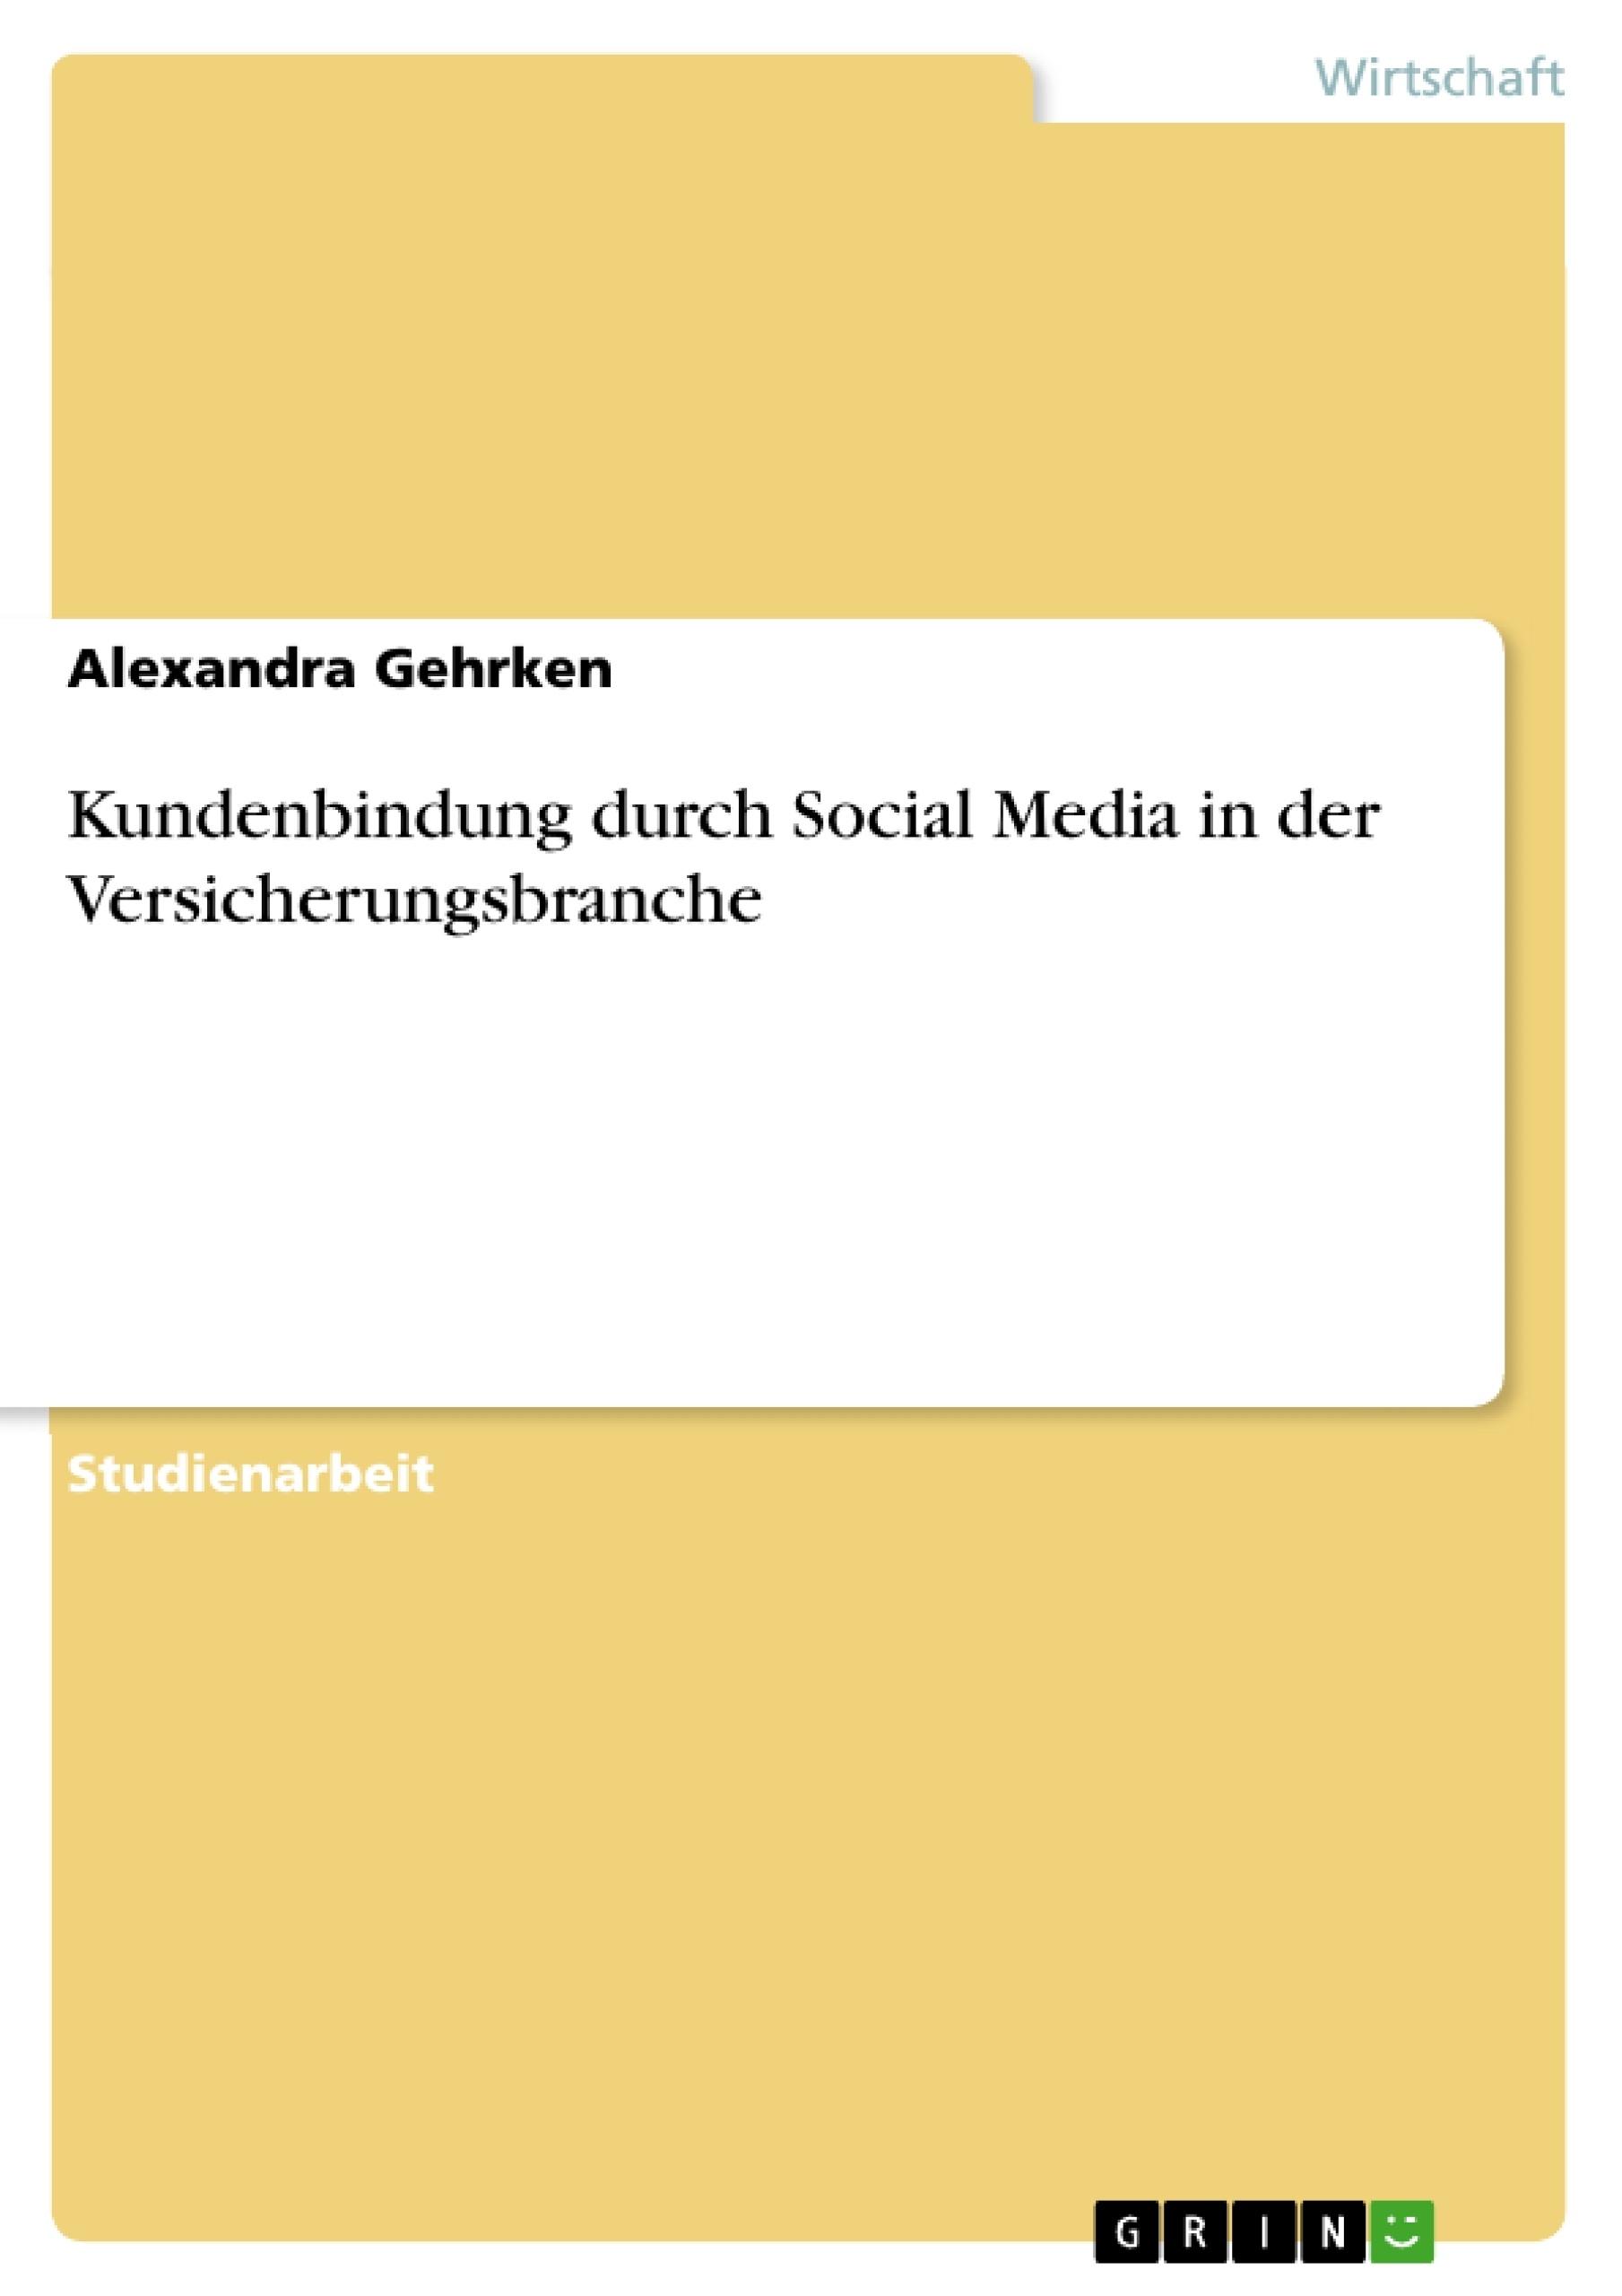 Titel: Kundenbindung durch Social Media in der Versicherungsbranche